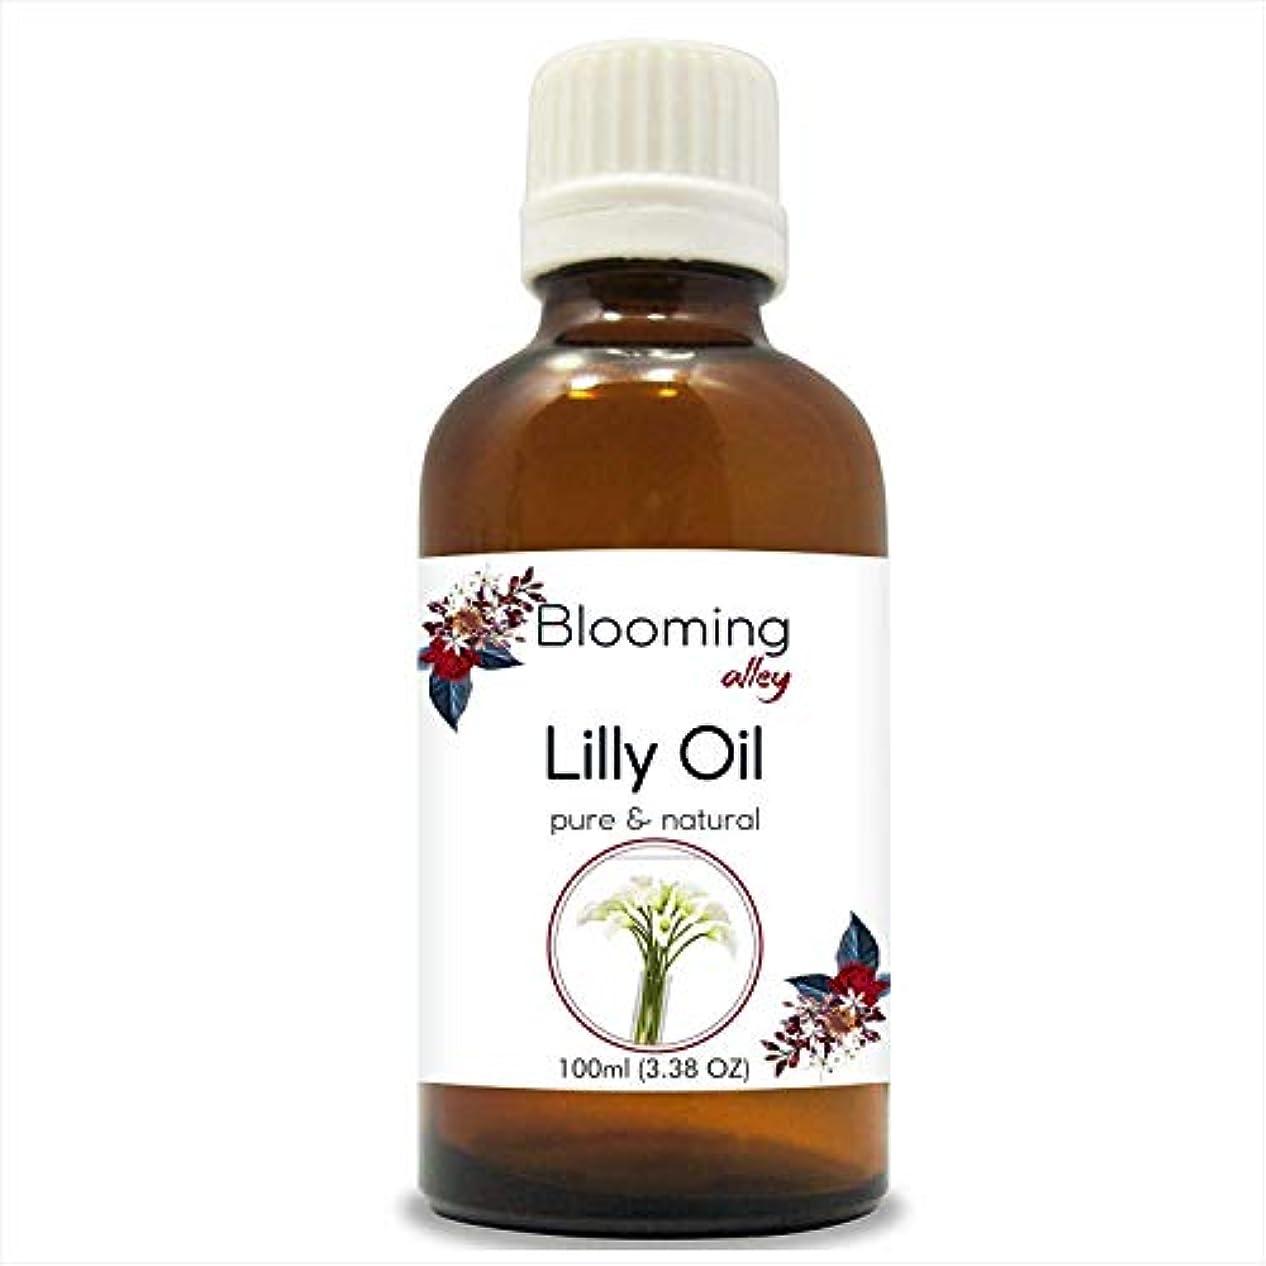 郵便屋さん指定する撤回するLilly Oil (Lilium Auratum) Essential Oil 30 ml or 1.0 Fl Oz by Blooming Alley